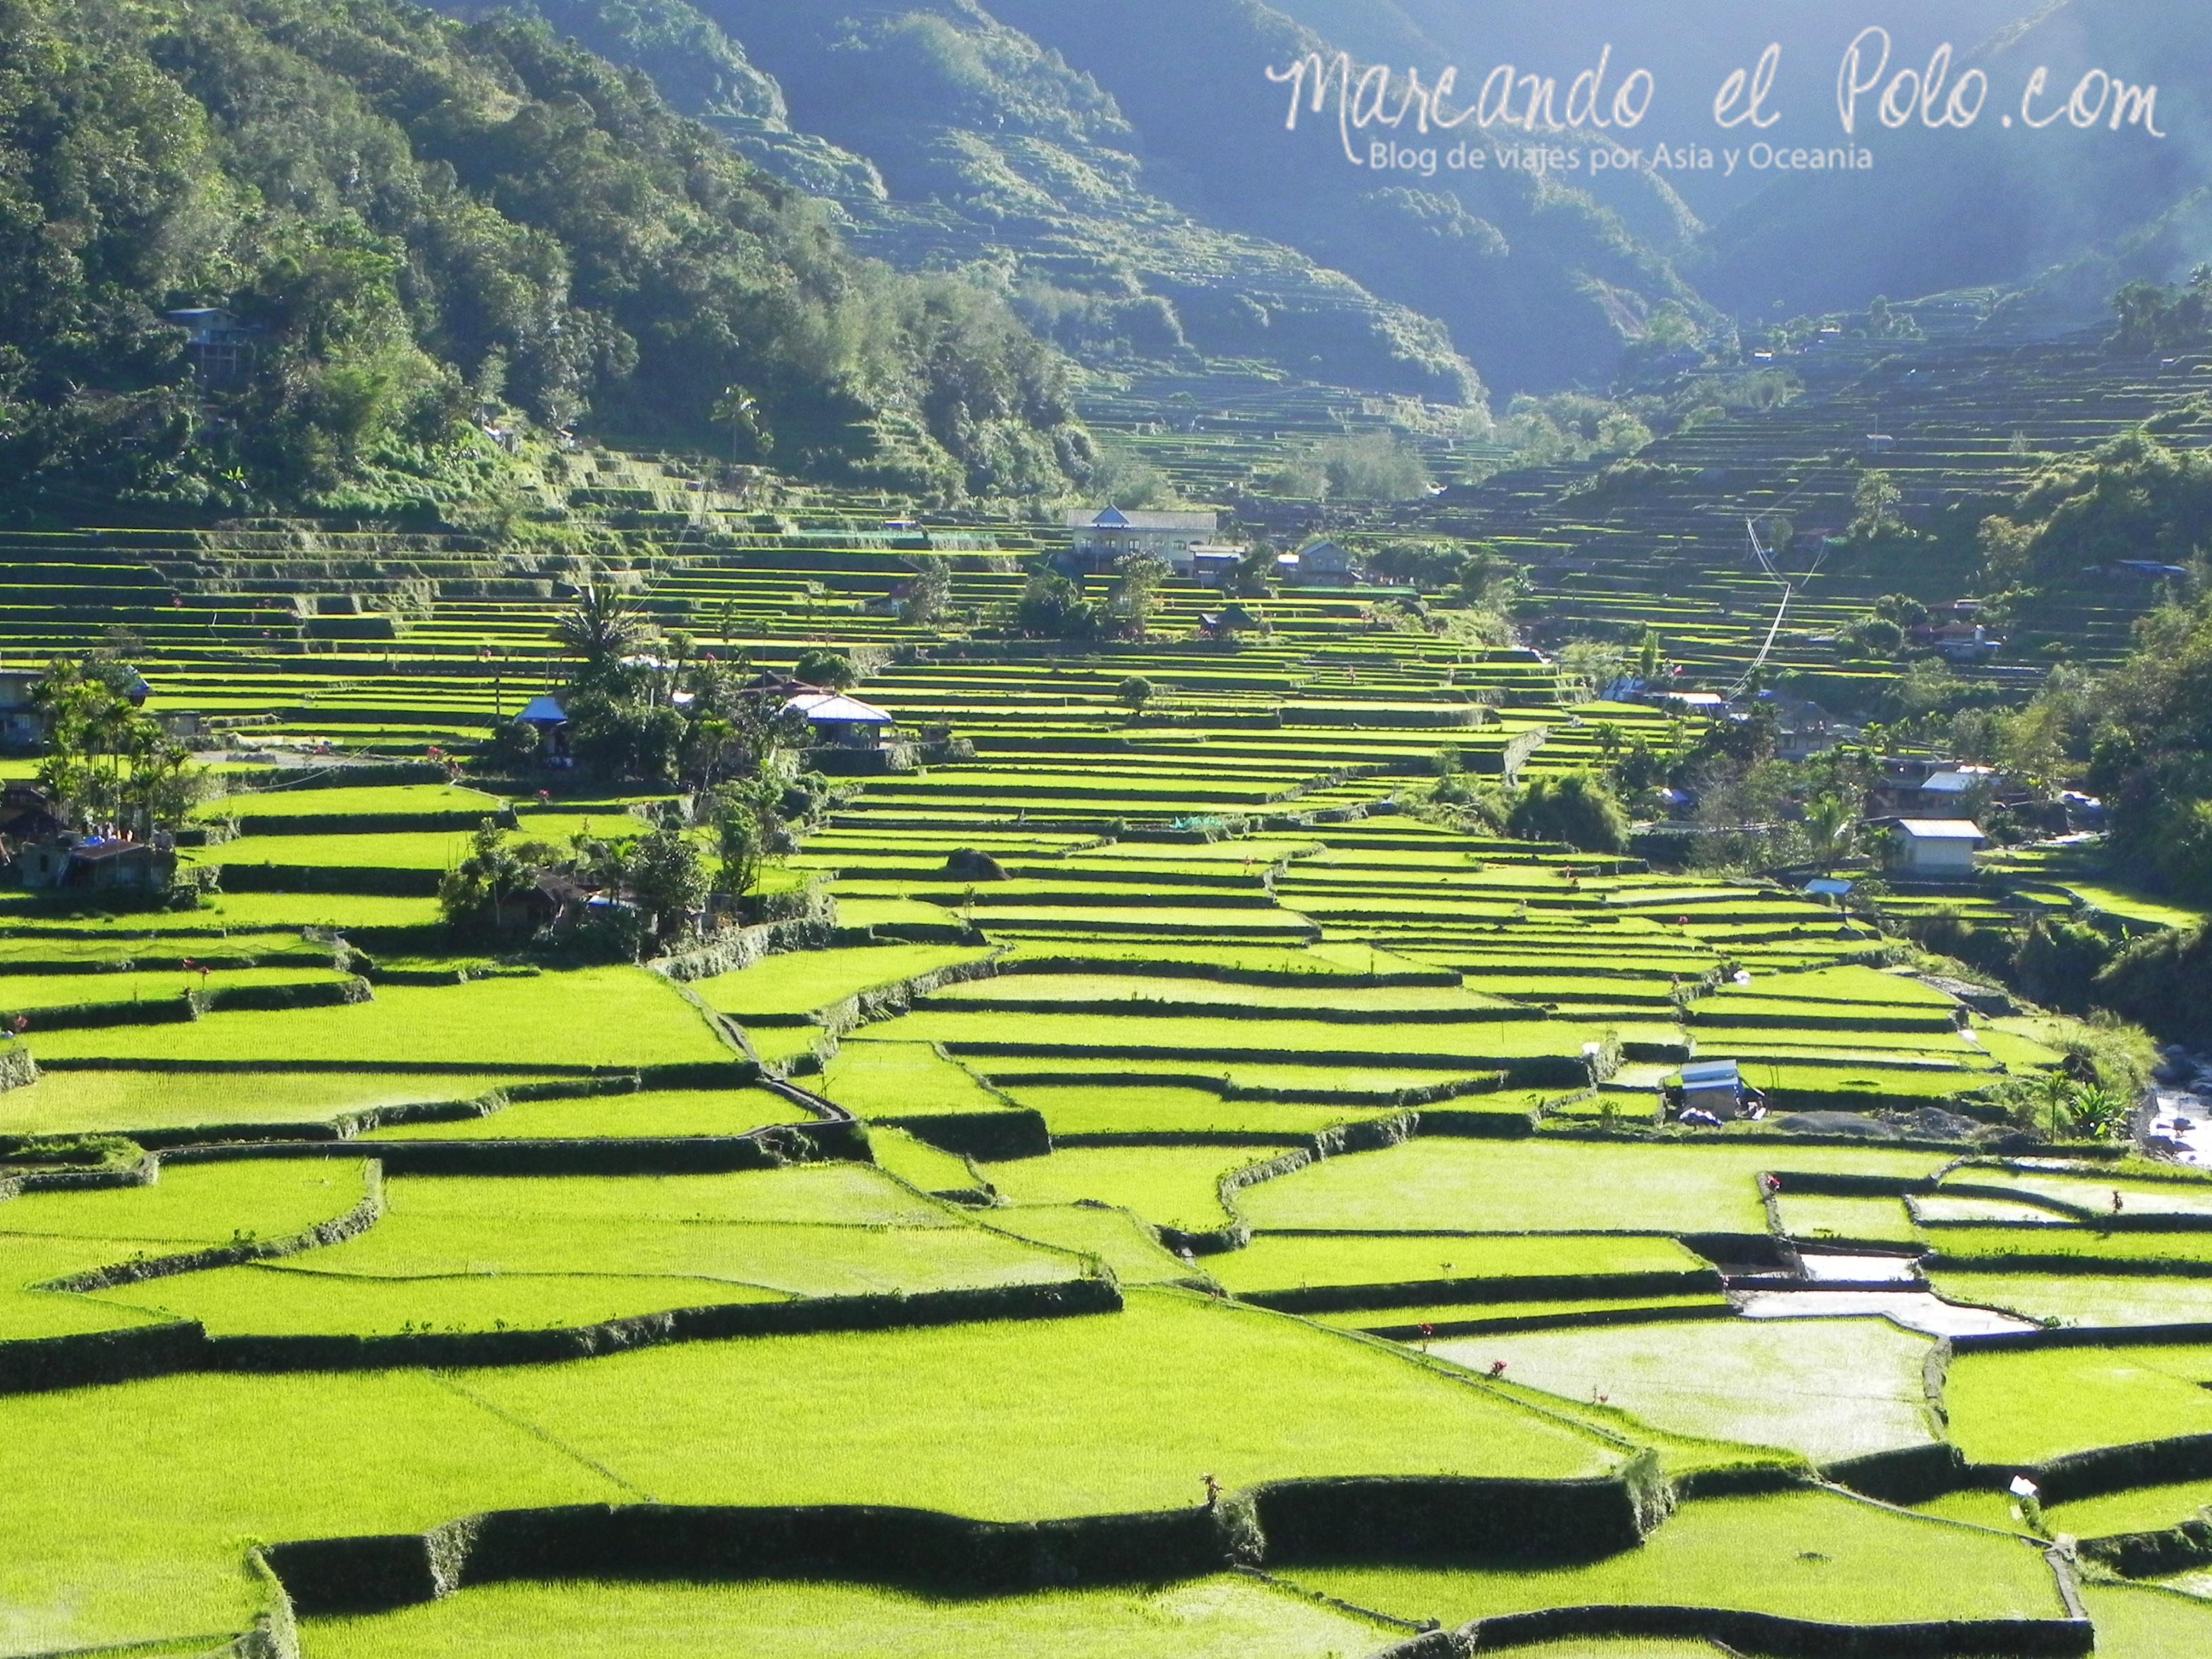 Terrazas de arroz en Filipinas: Hapao